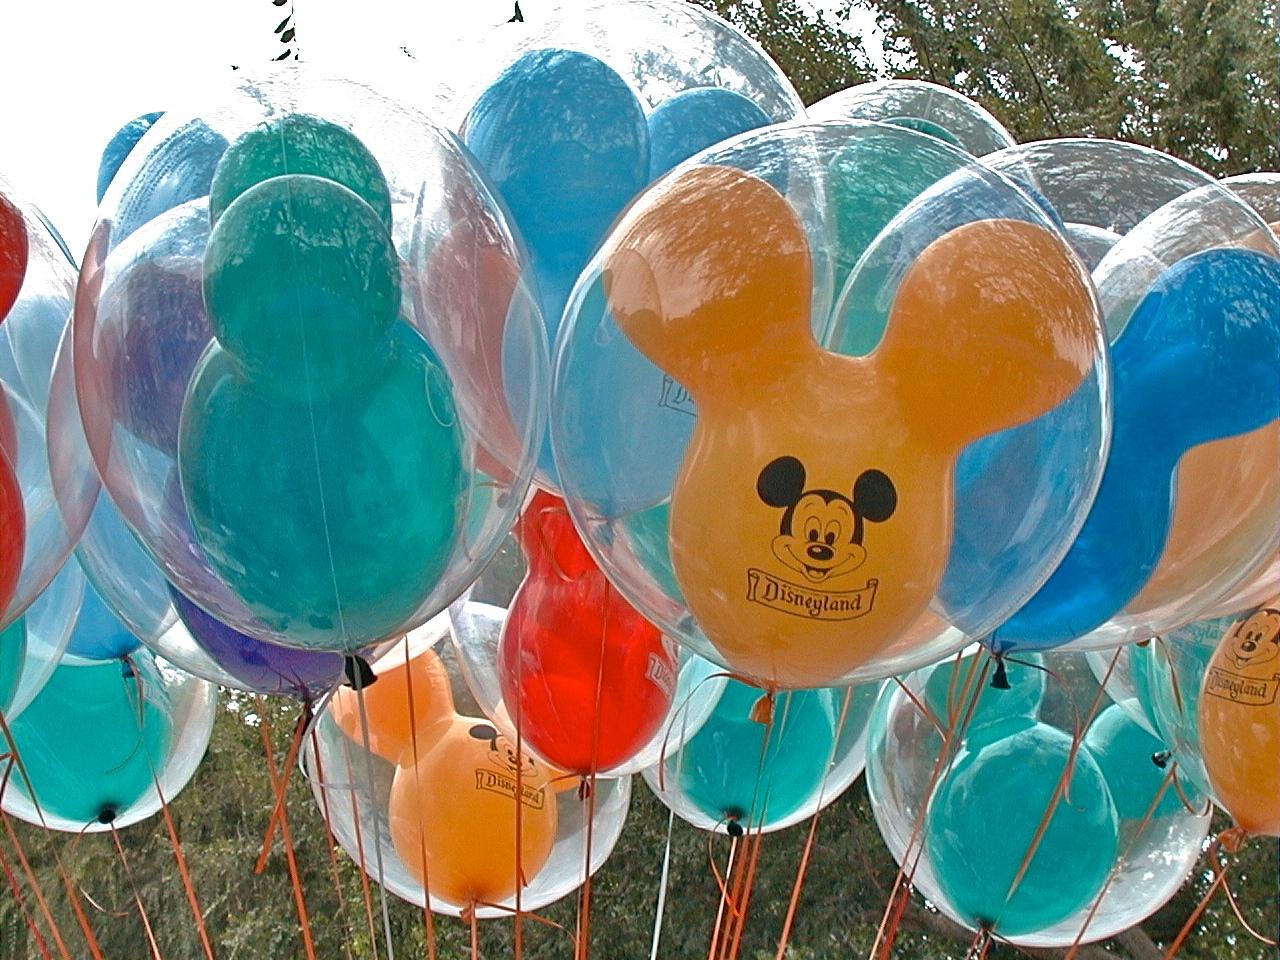 Mickey Mouse Balloons on Main Street Disneyland - a photo on